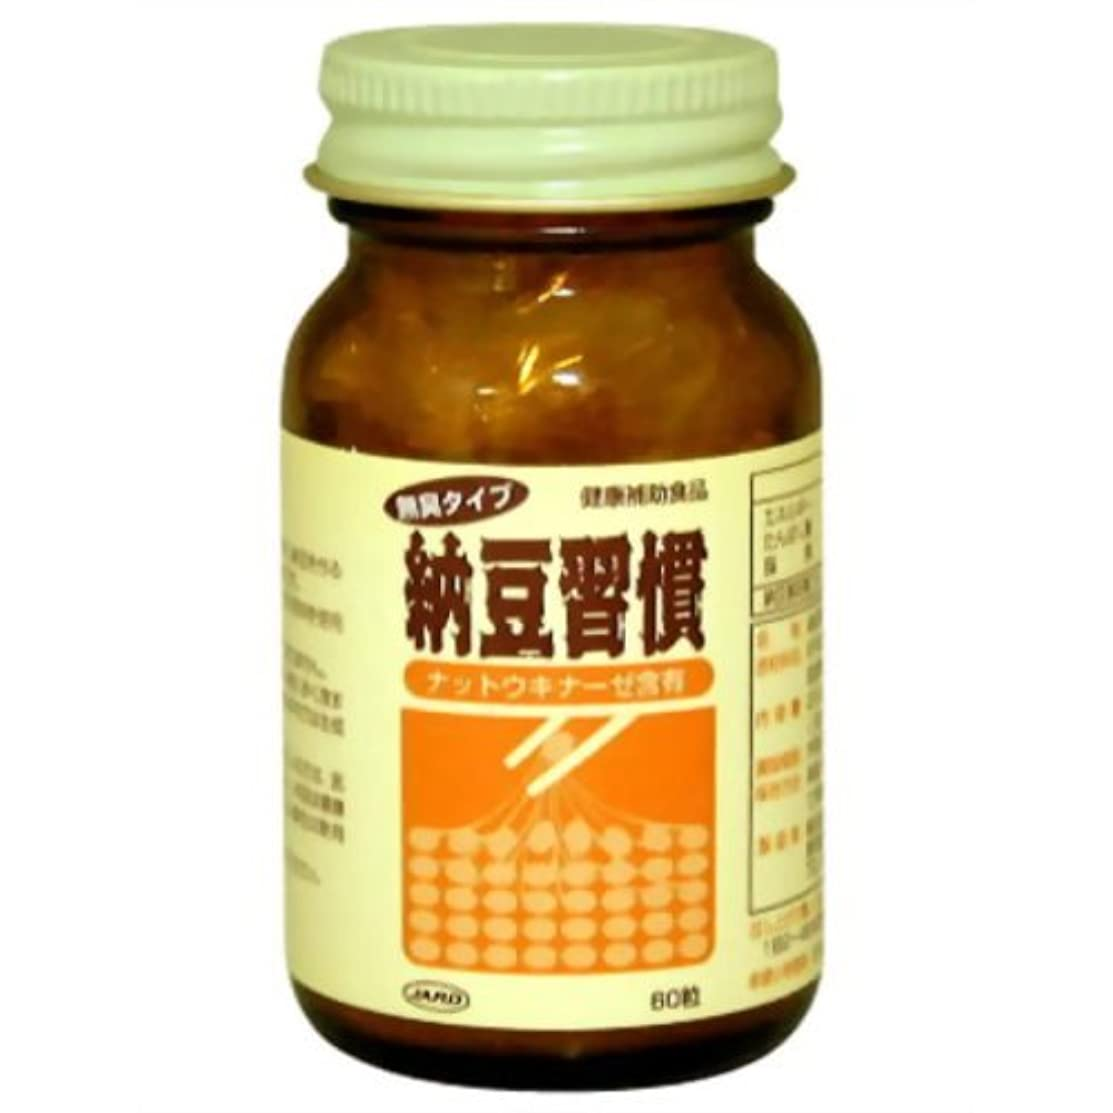 情緒的レタッチ表向き納豆習慣 ナットウキナーゼ含有